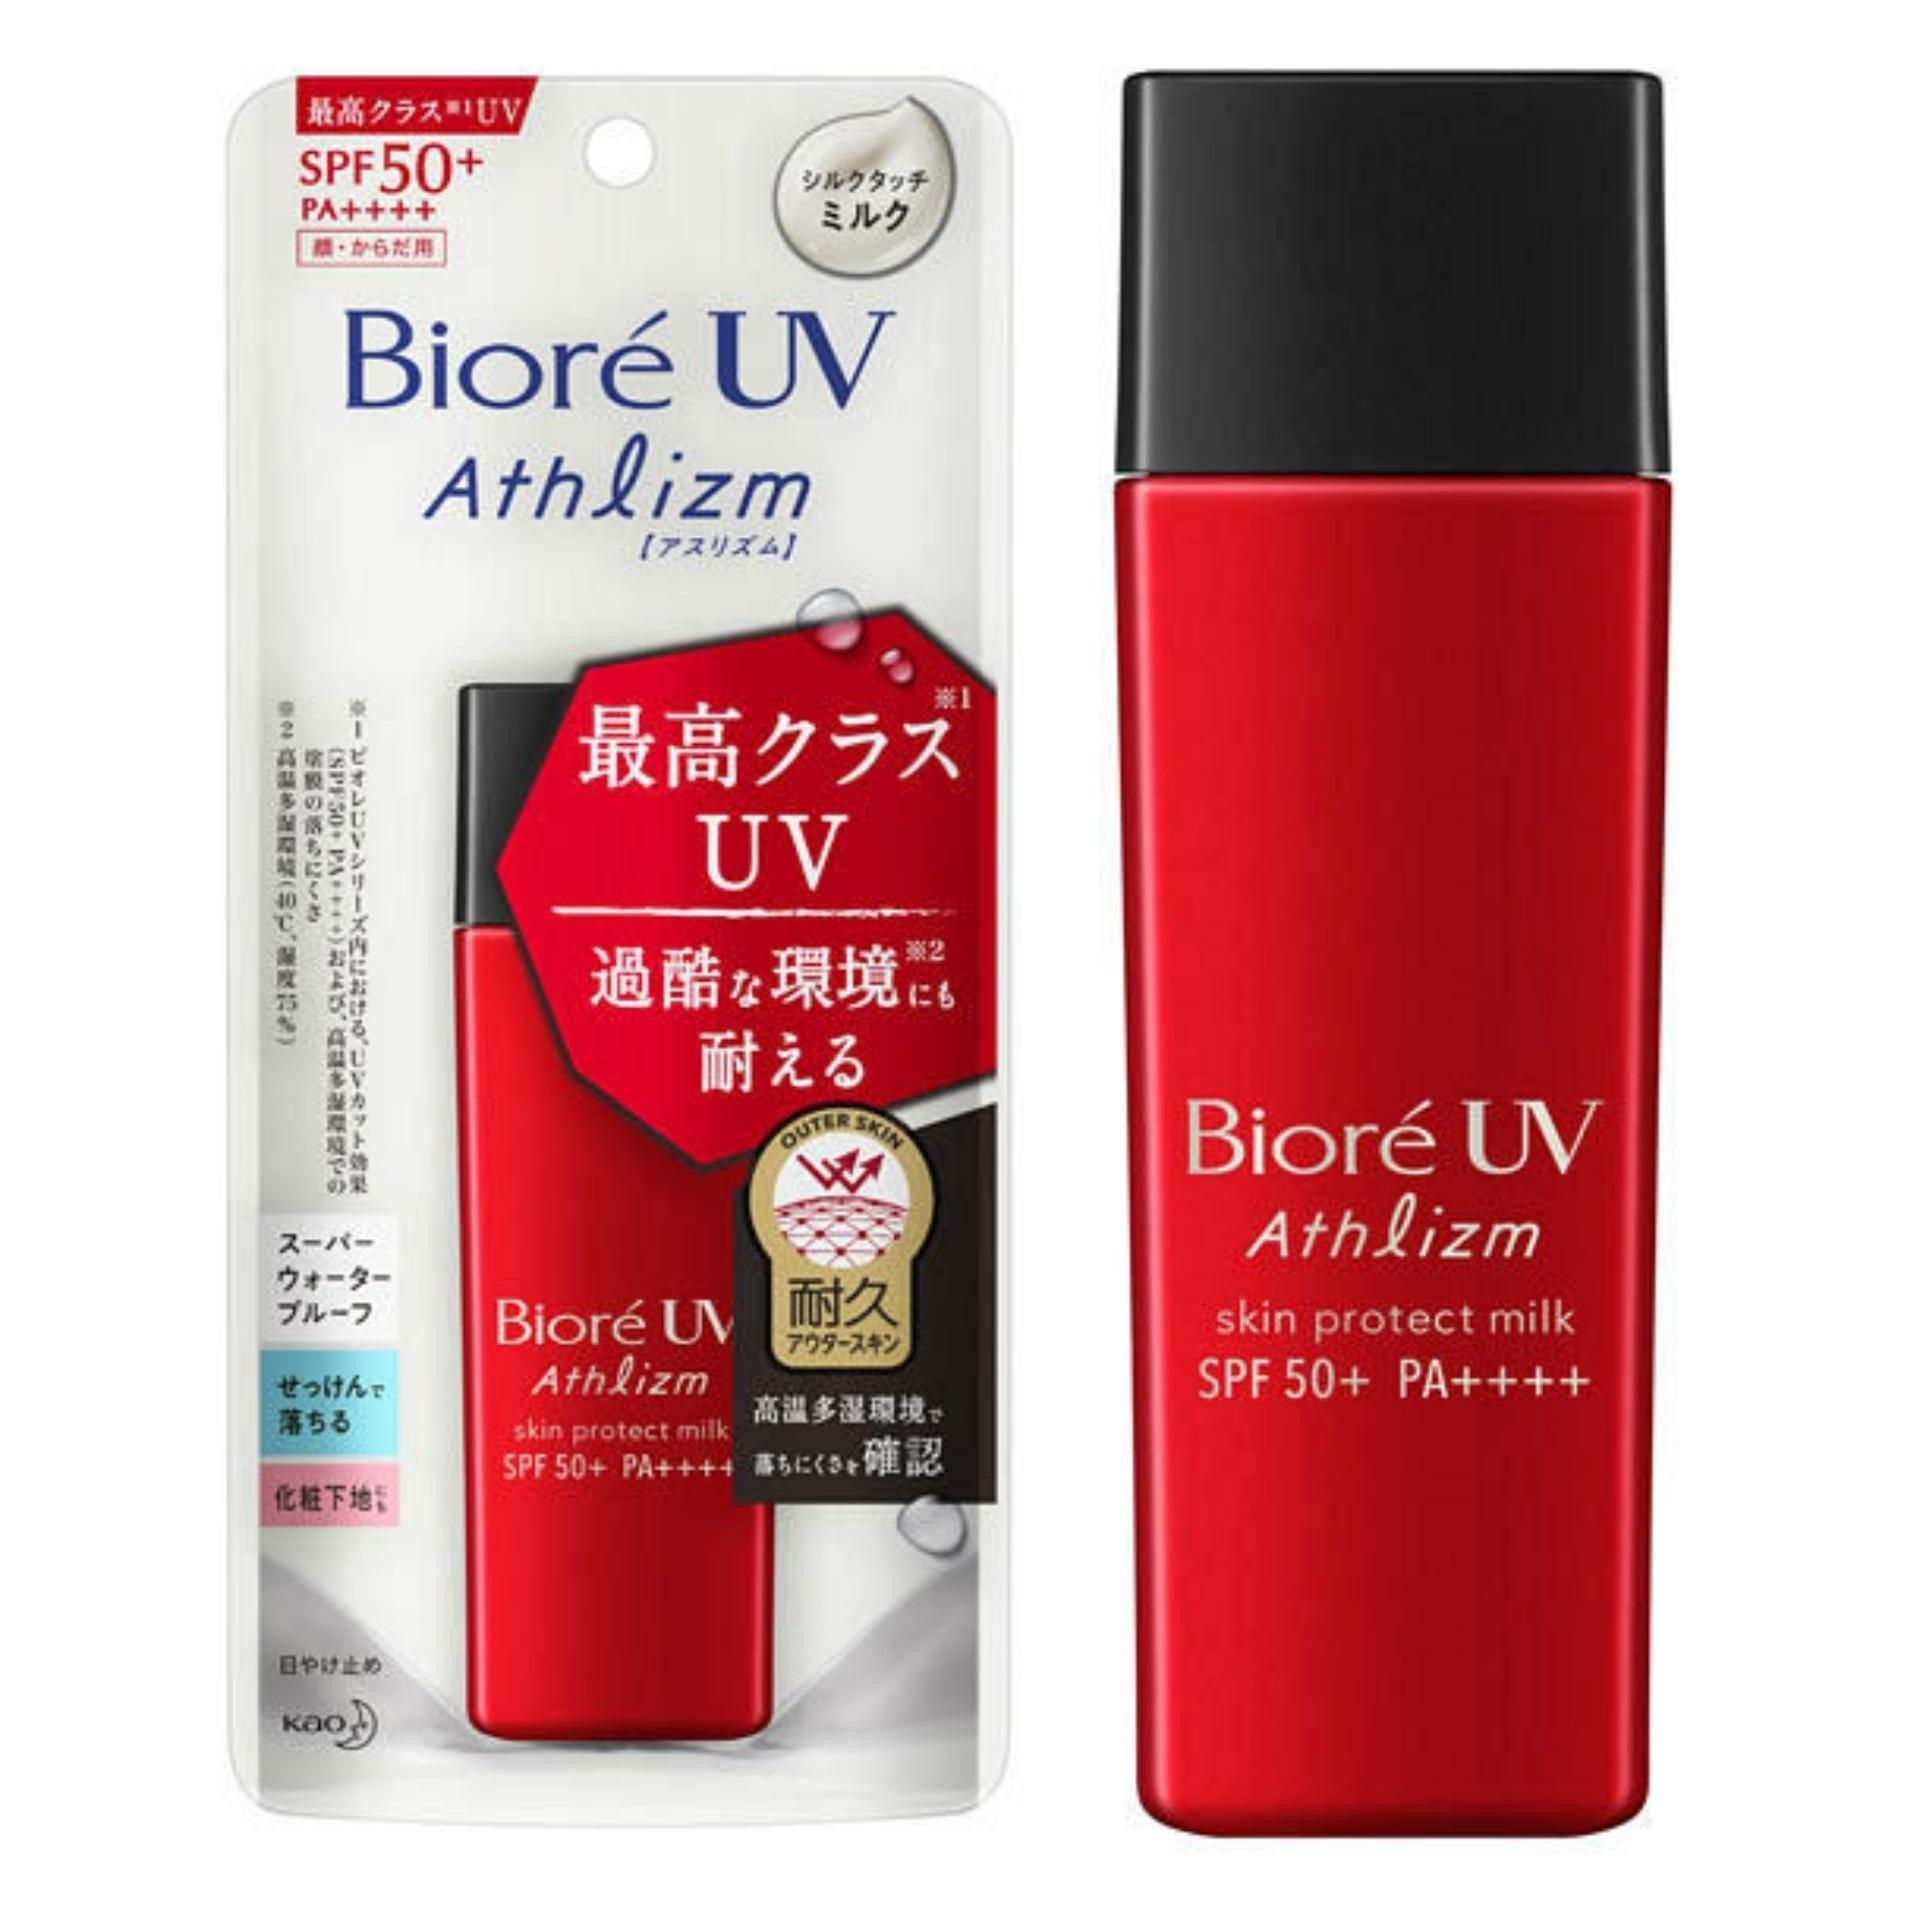 Sữa Bioré UV Athlizm Skin Protect Milk SPF 50+ PA++++ bảo vệ da đến từng kẽ hở vi mô nhất dưới ánh nắng mặt trời (ảnh: internet).